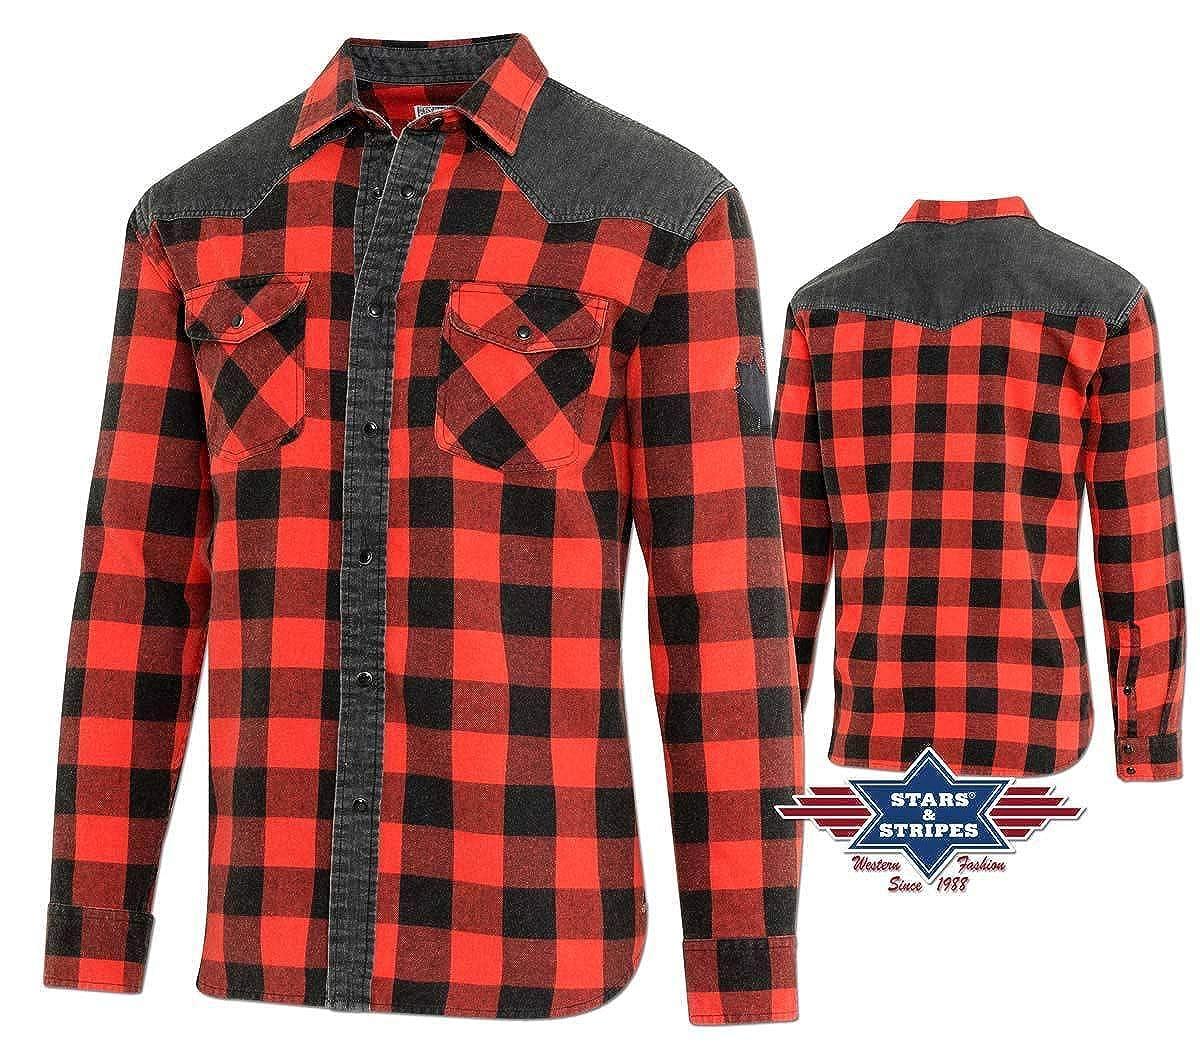 STARS & STRIPES Herren Westernhemd Country Cowboy »Lumberjack« von